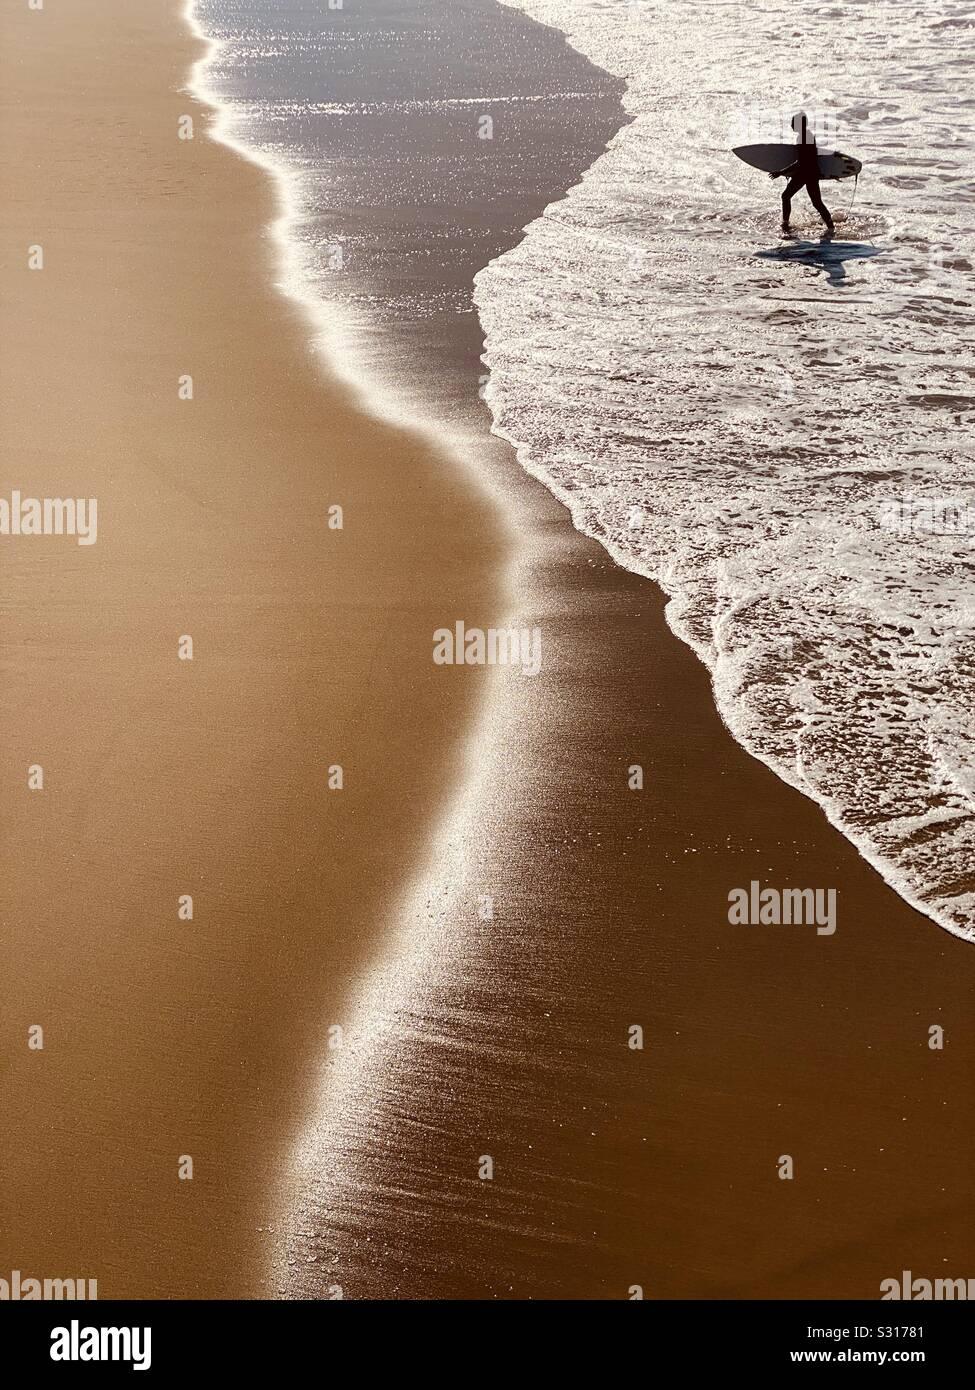 Surfer sortir de l'eau après le surf. Manhattan Beach, Californie, États-Unis. Banque D'Images